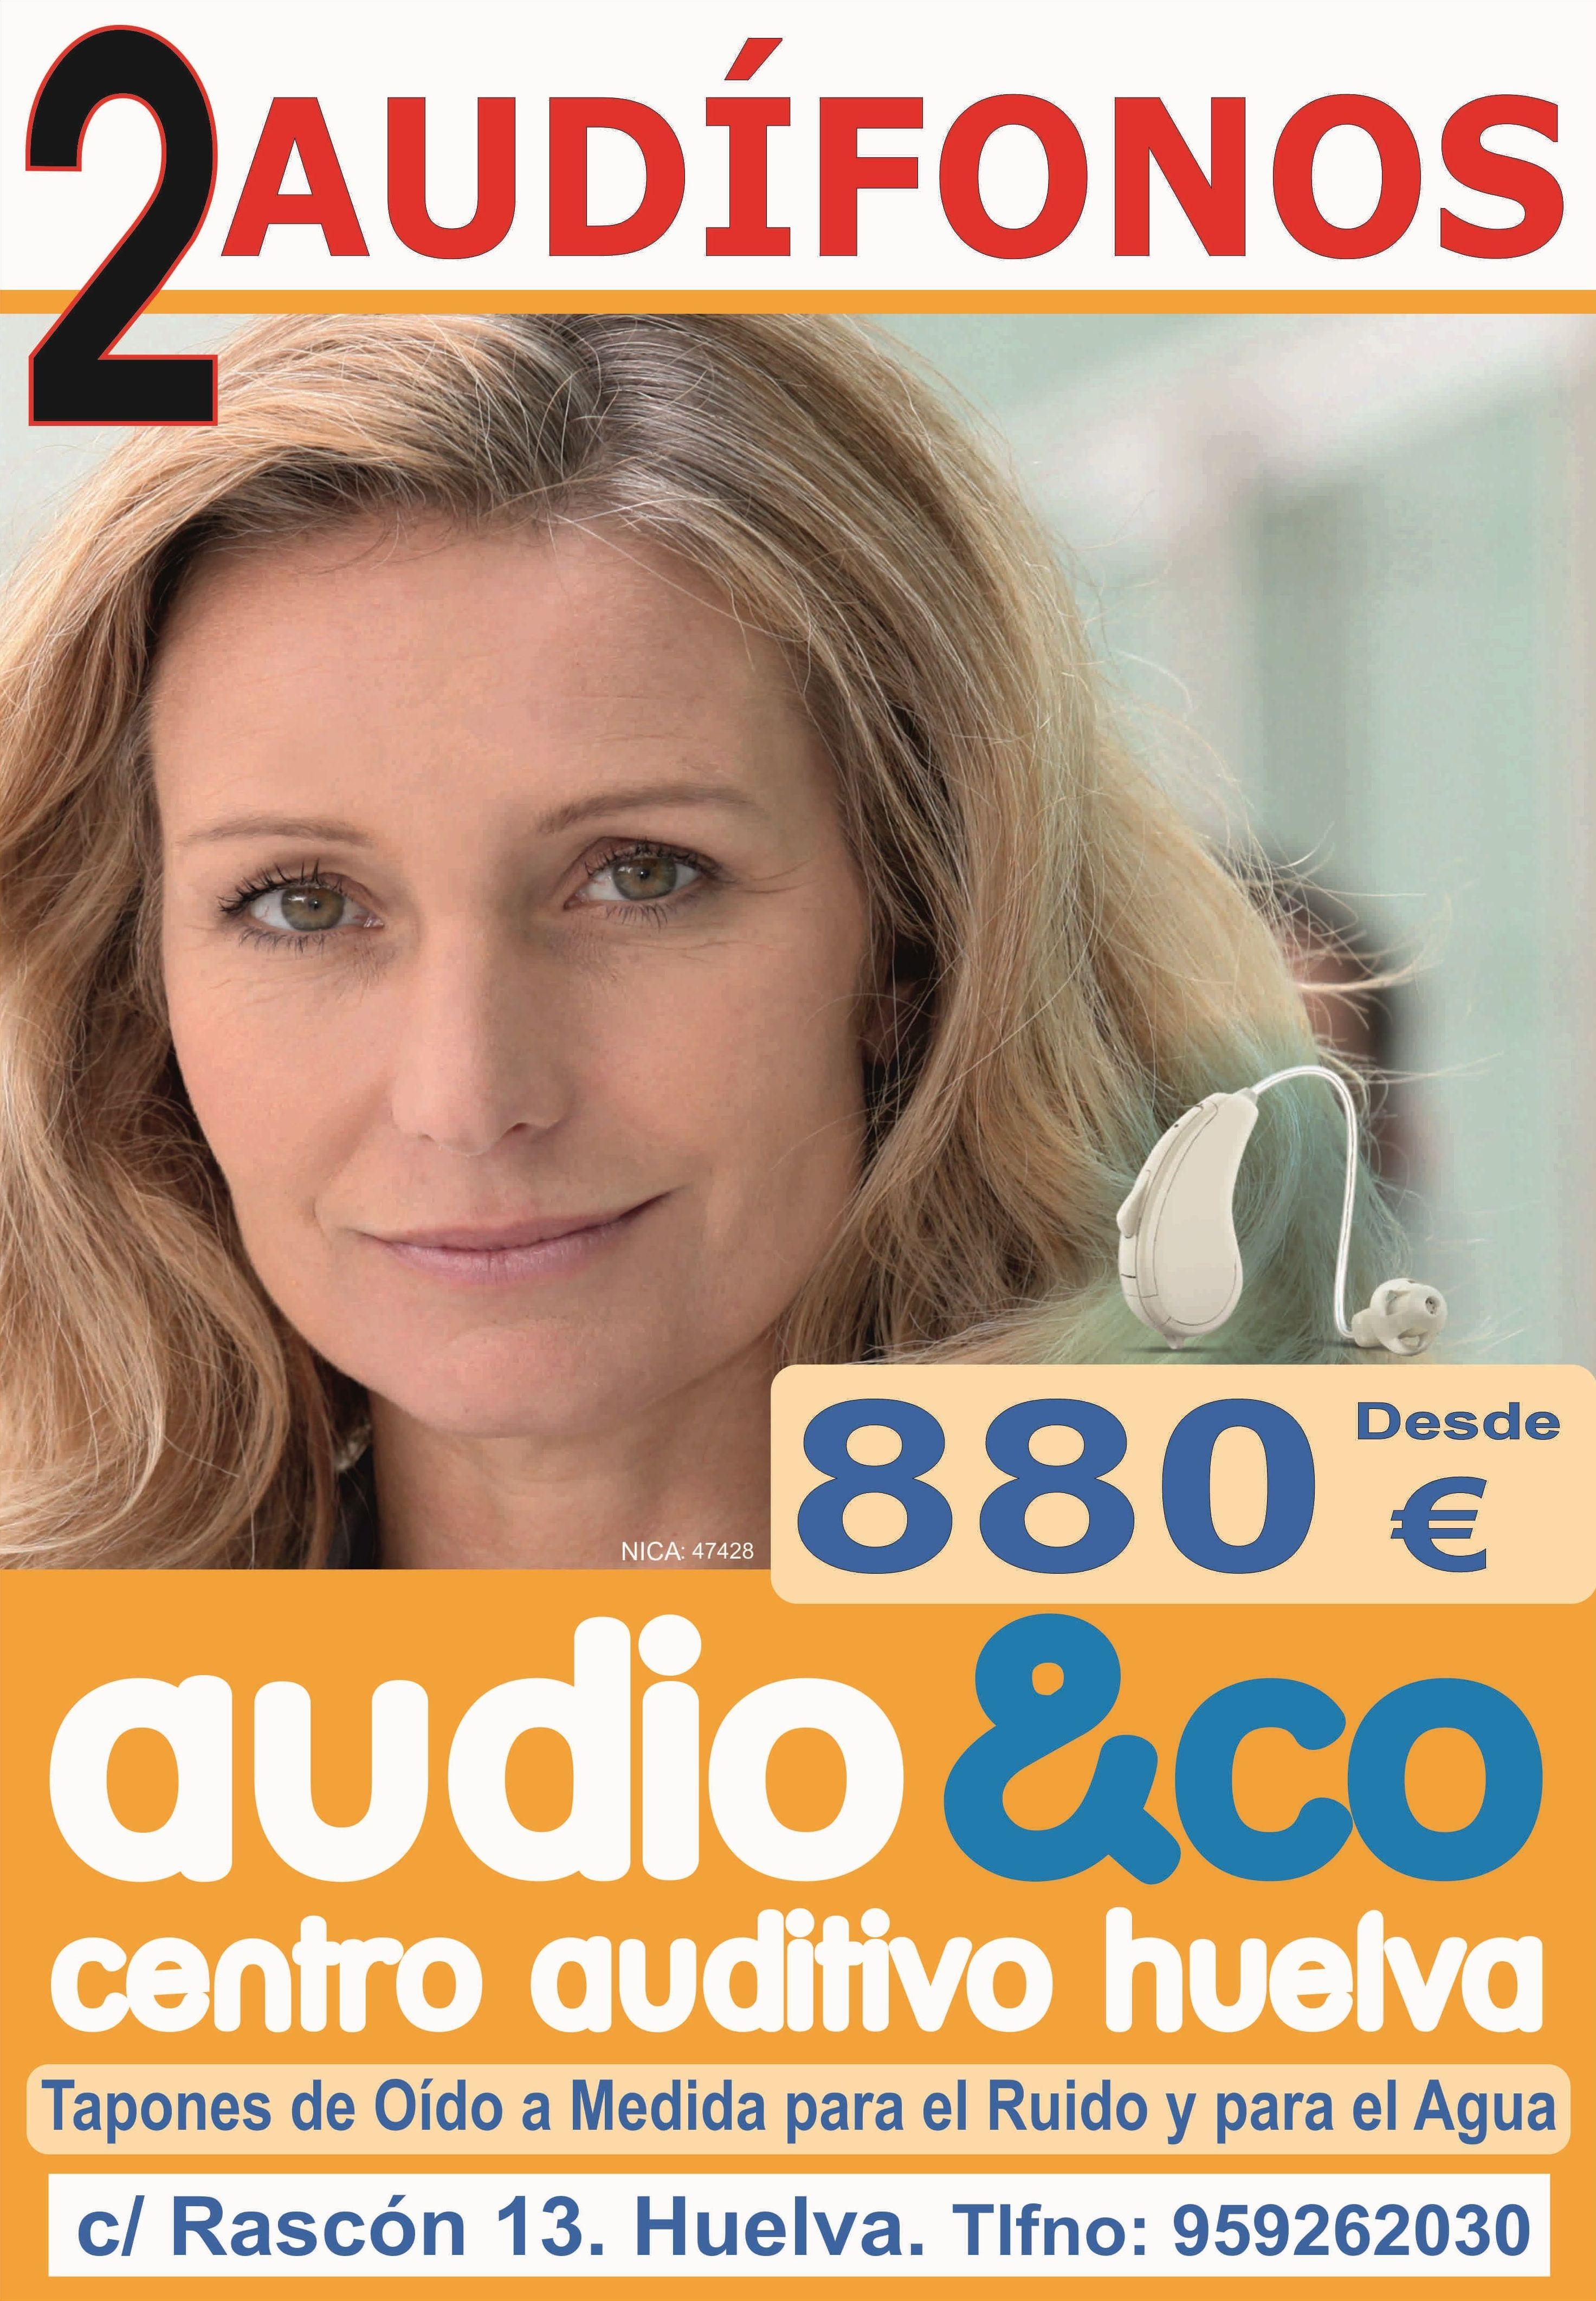 AUDIFONOS DESDE 880 EUROS: Servicios - Promociones de Visión & CO Huelva